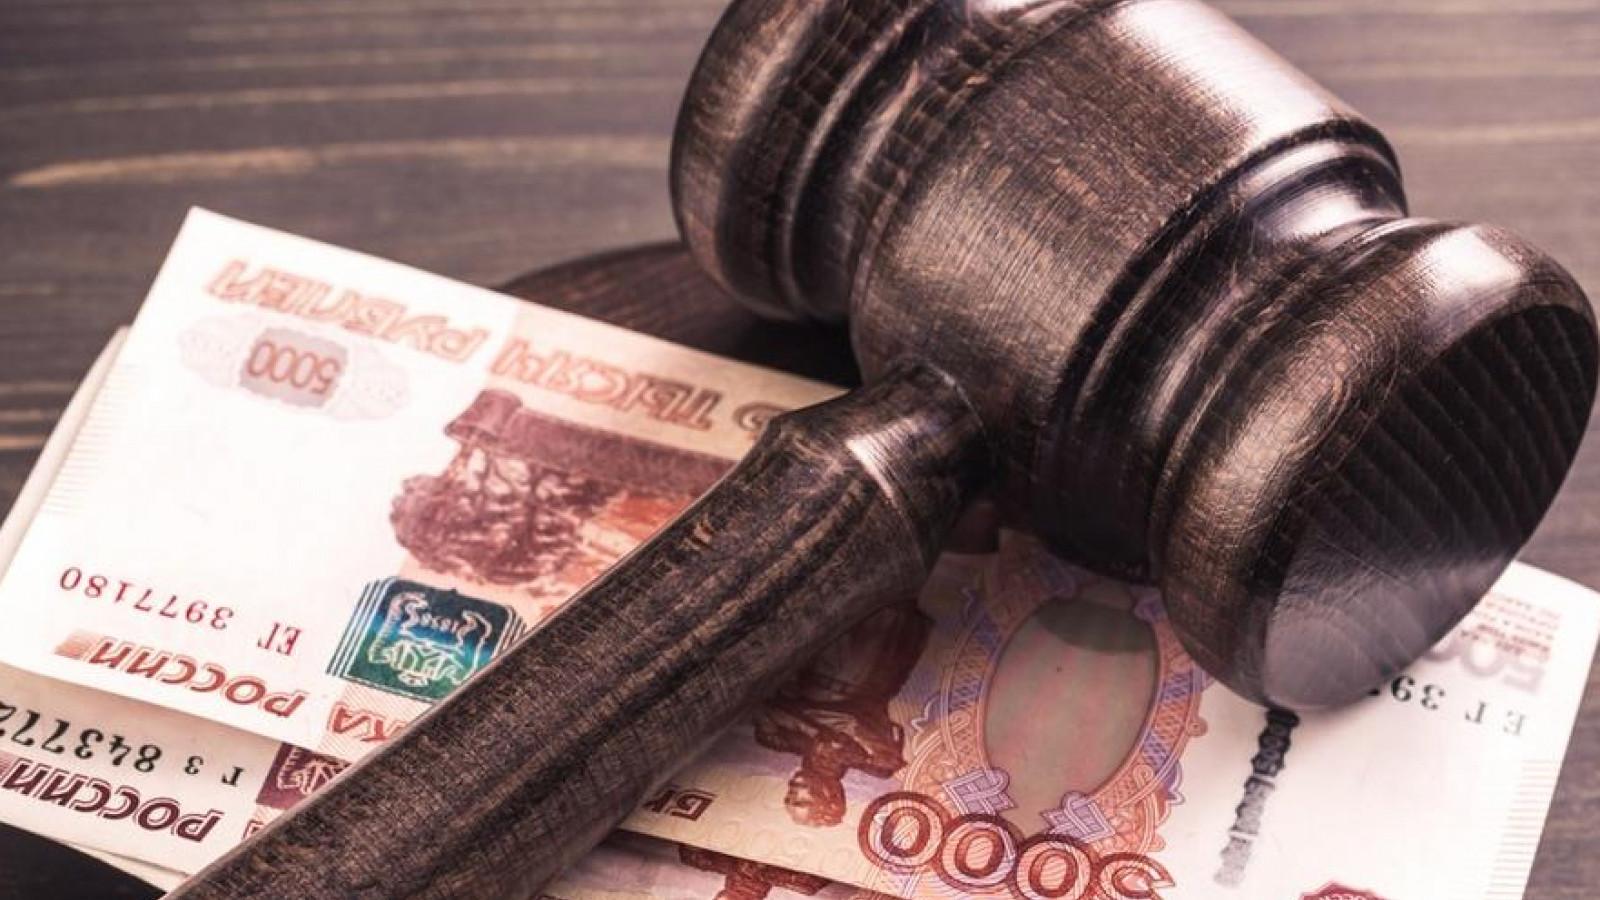 УФАС оштрафовало должностное лицо ООО «Семь вершин» за участие в картельном сговоре